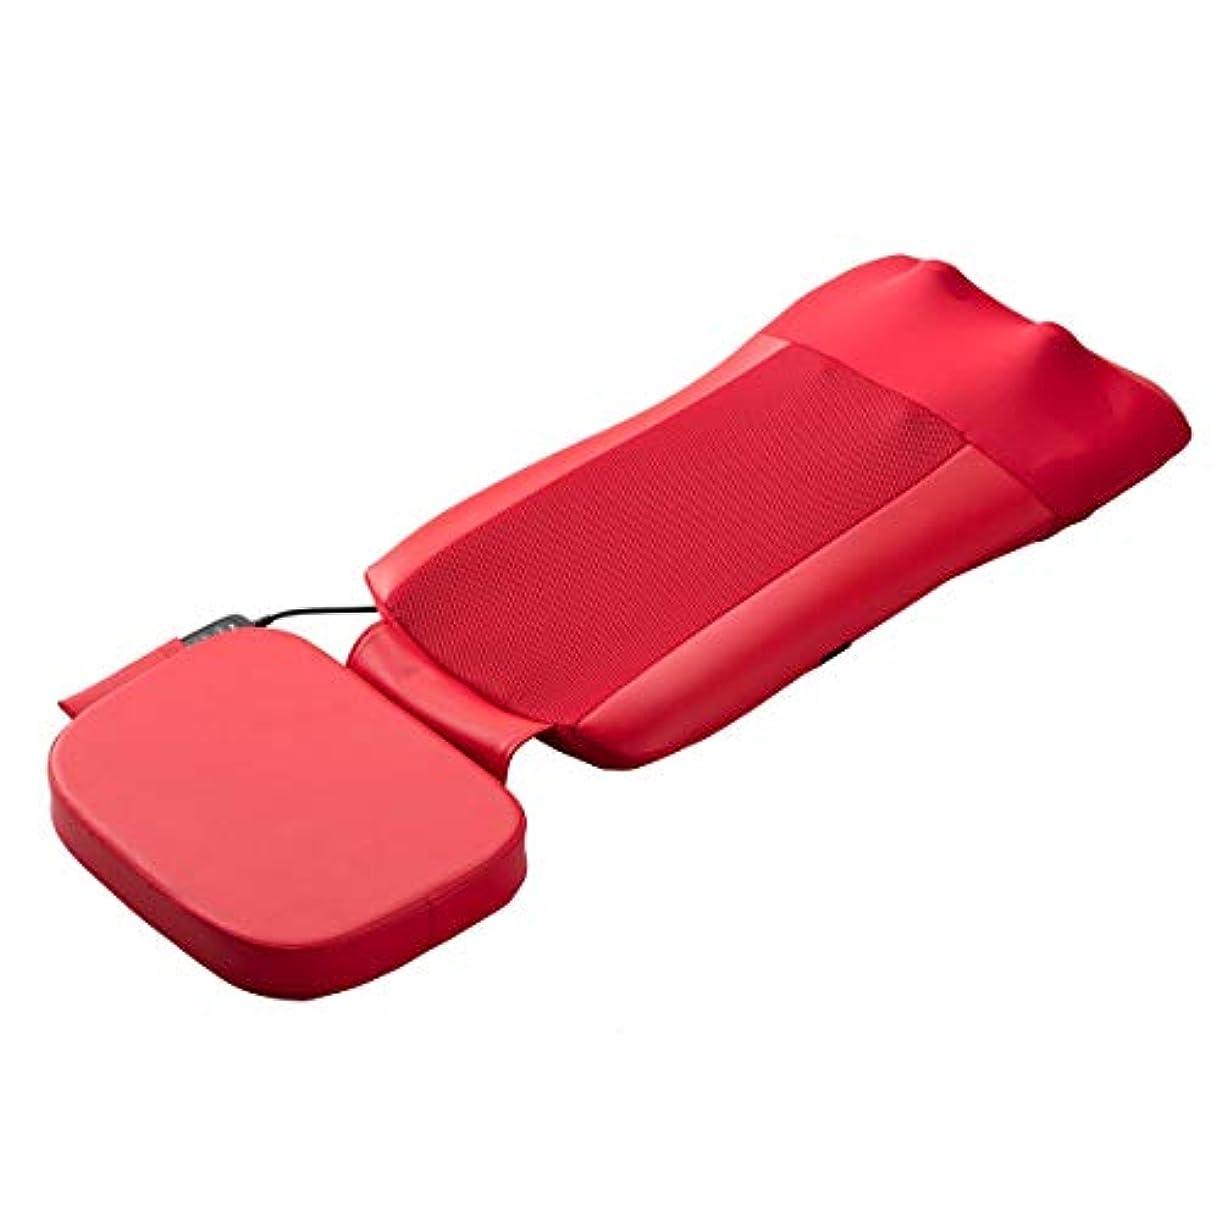 クリエイティブパネル腕スライヴ マッサージシート 【通販専用モデル】 寝て使用可能 たたき機能搭載 ストレッチコース付き レッド MD-8671 RE